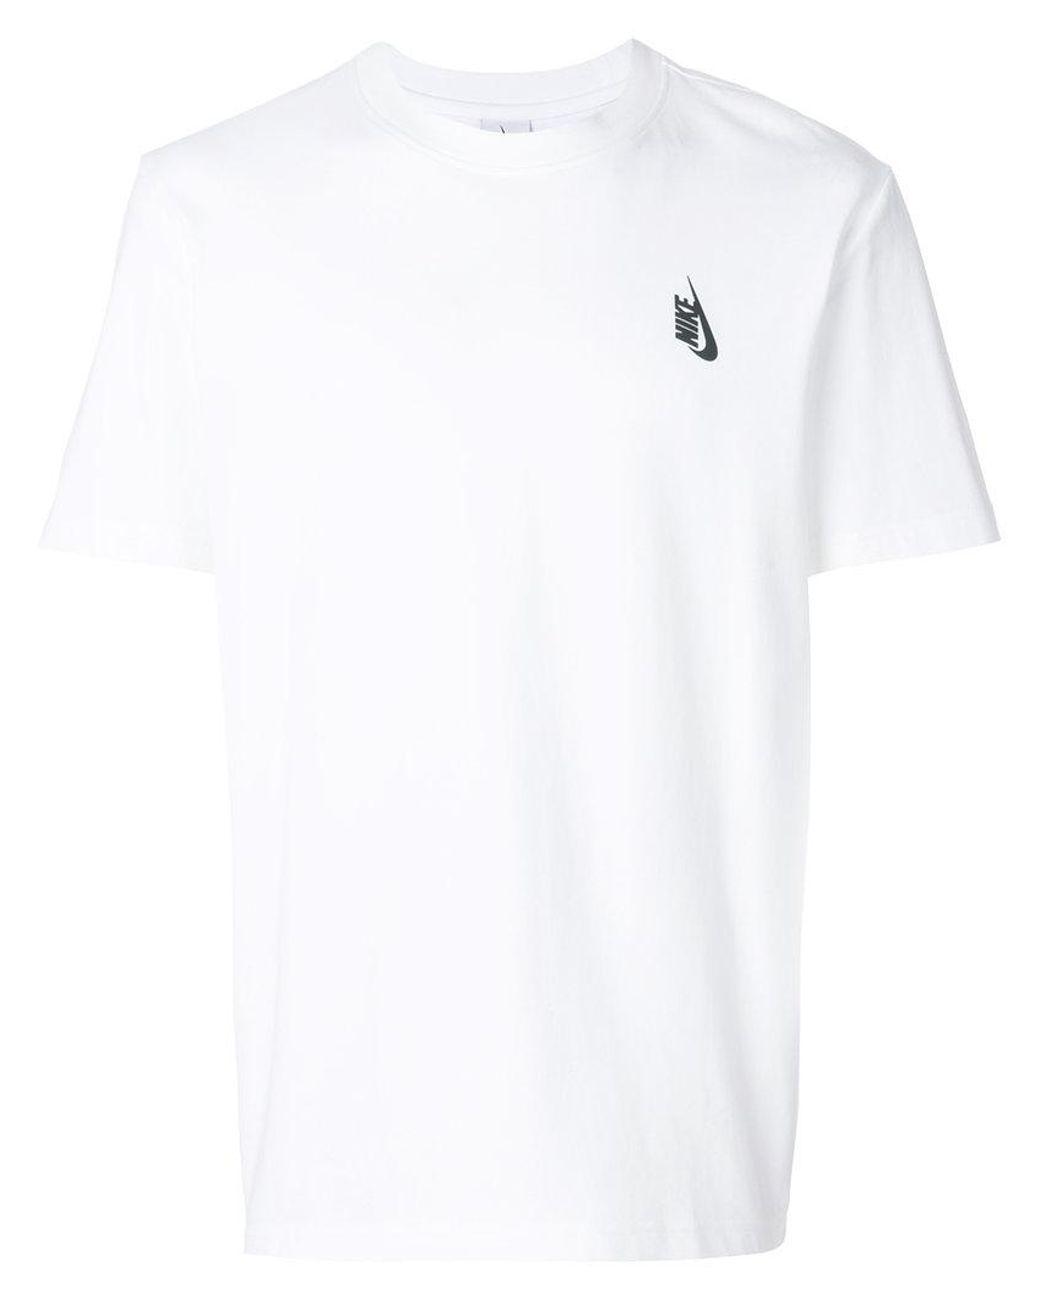 db8e69b24 Lyst - Nike Logo Print T-shirt in White for Men